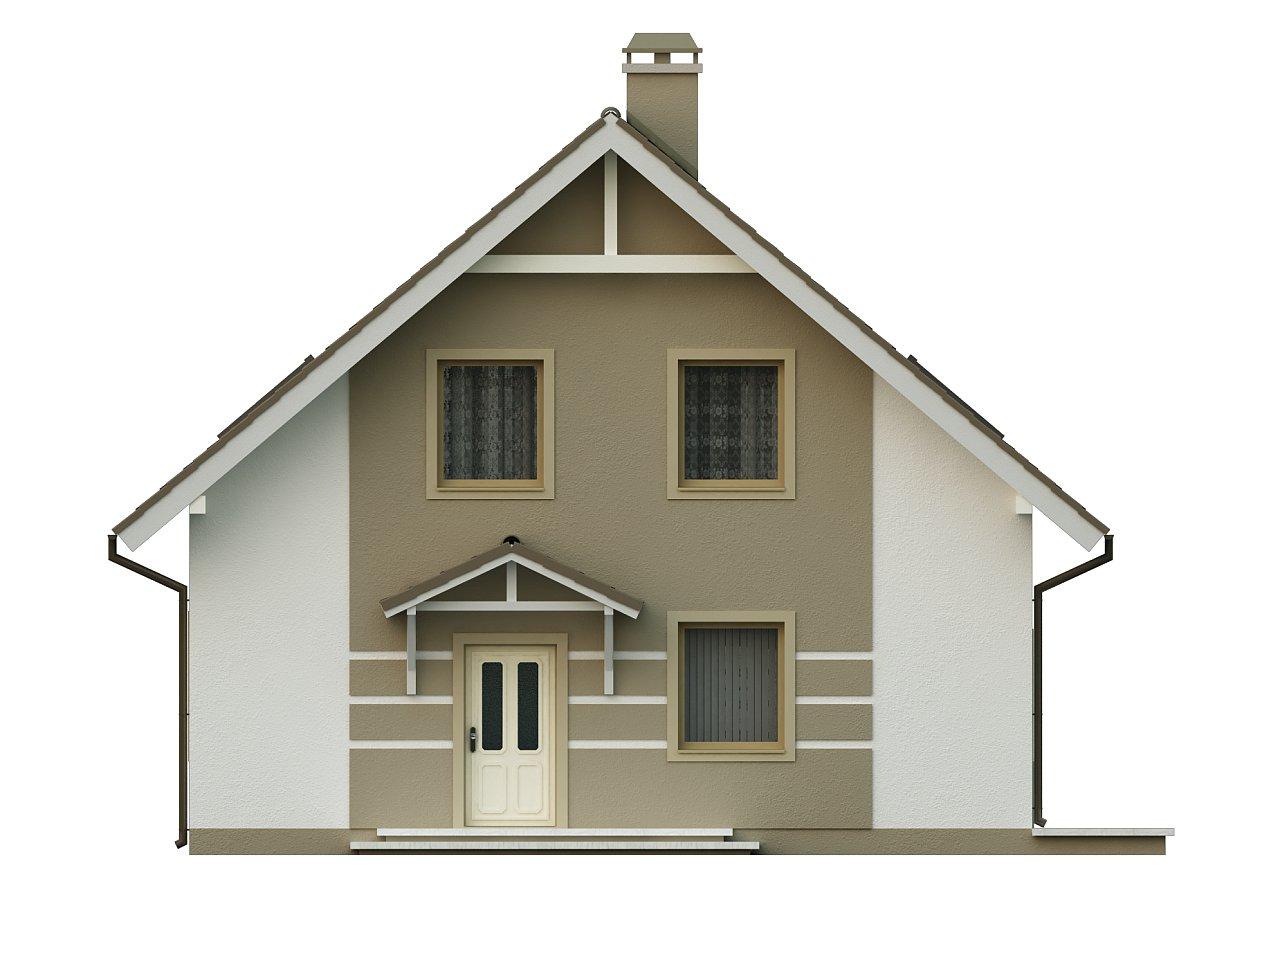 Стильный дом с мансардой, экономичный в строительстве и эксплуатации. 3